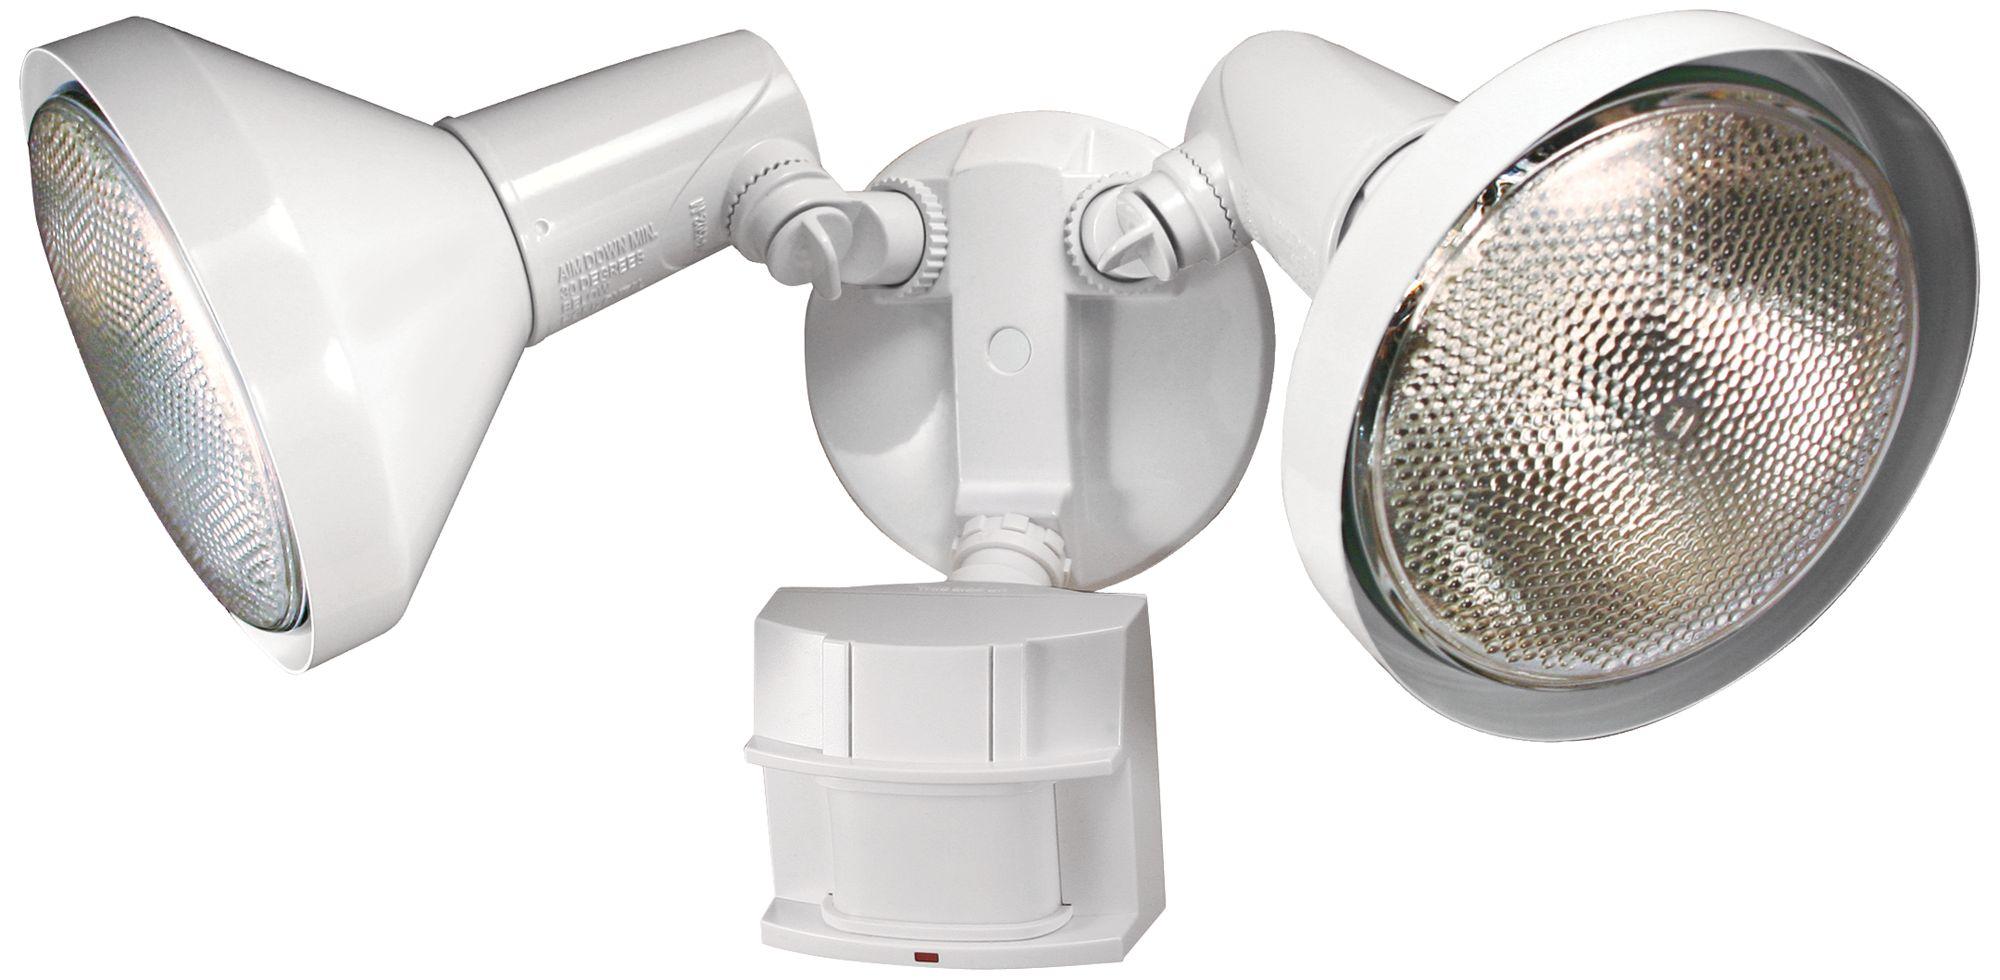 twolight white 180degree motion sensor security light